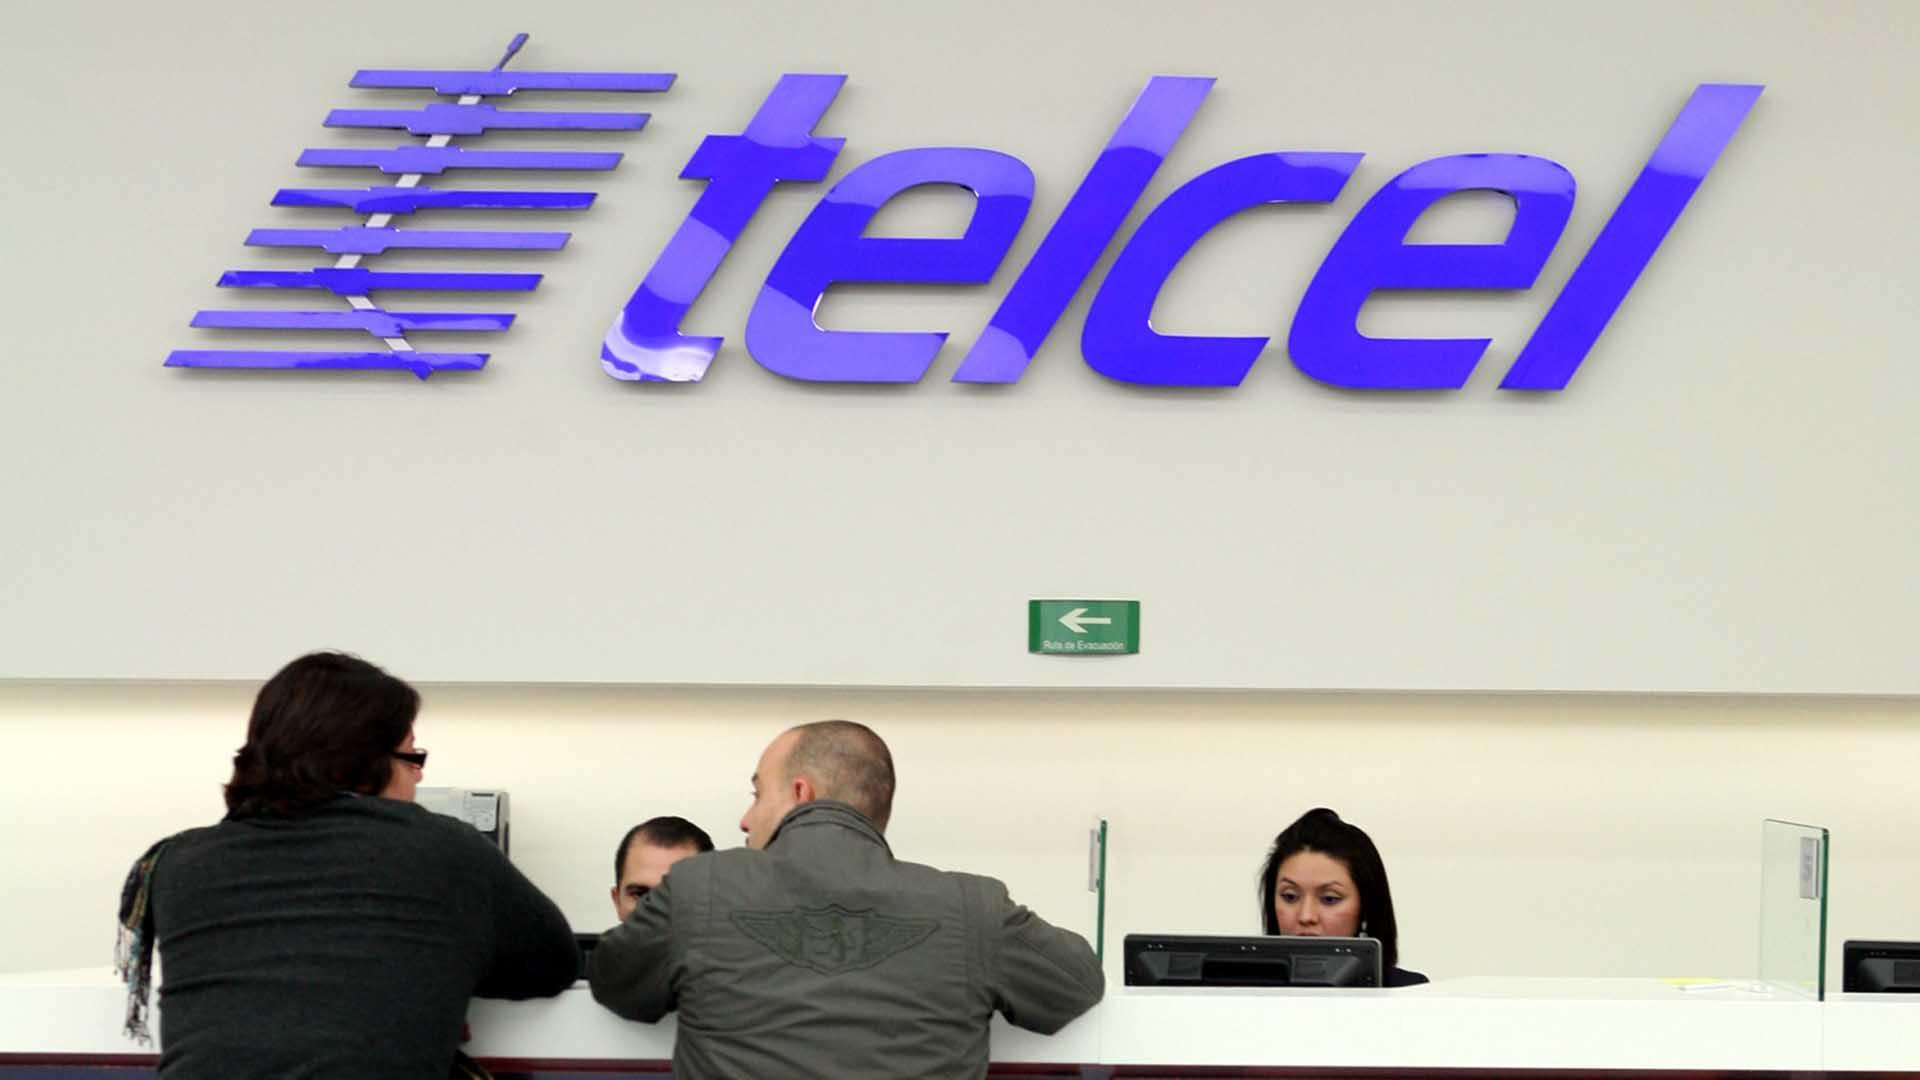 Usuarios reportan fallas en el servicio de Telcel — México